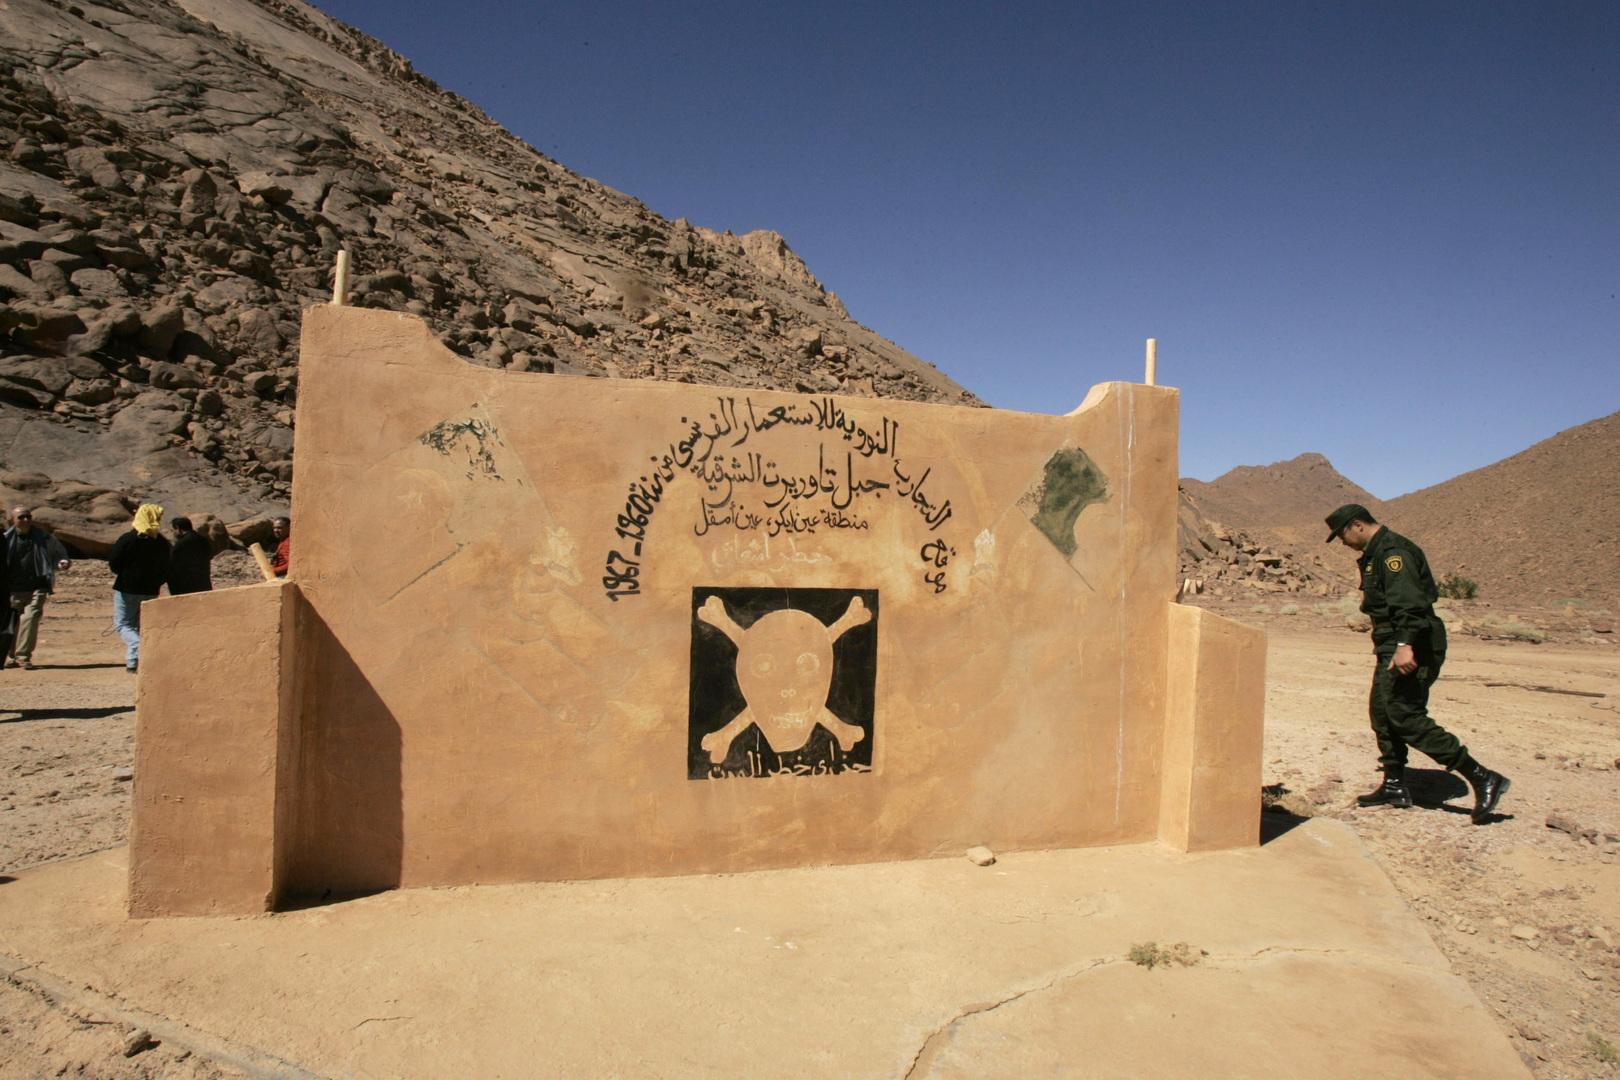 منطقة مشعة في الصحراء الجزائرية حيث أجرت فرنسا تجاربها النووية.